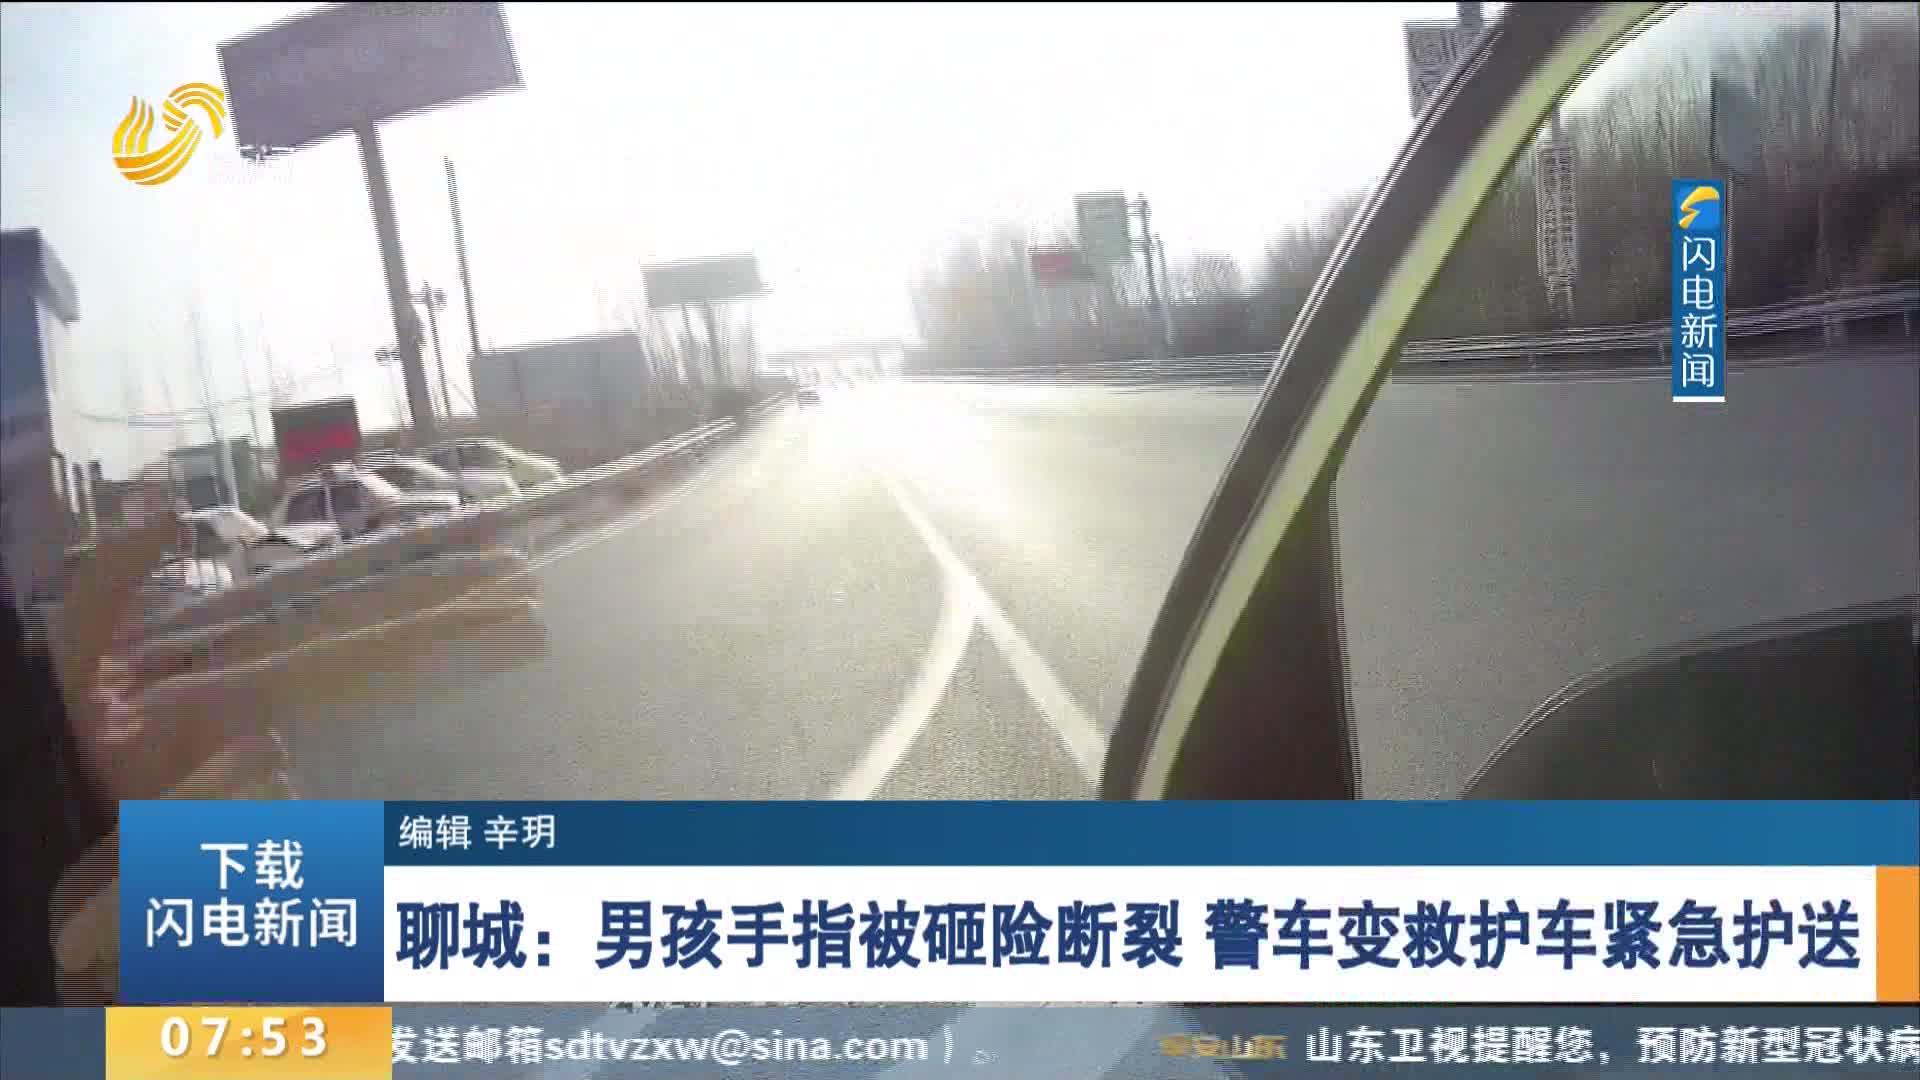 聊城:男孩手指被砸险断裂 警车变救护车紧急护送